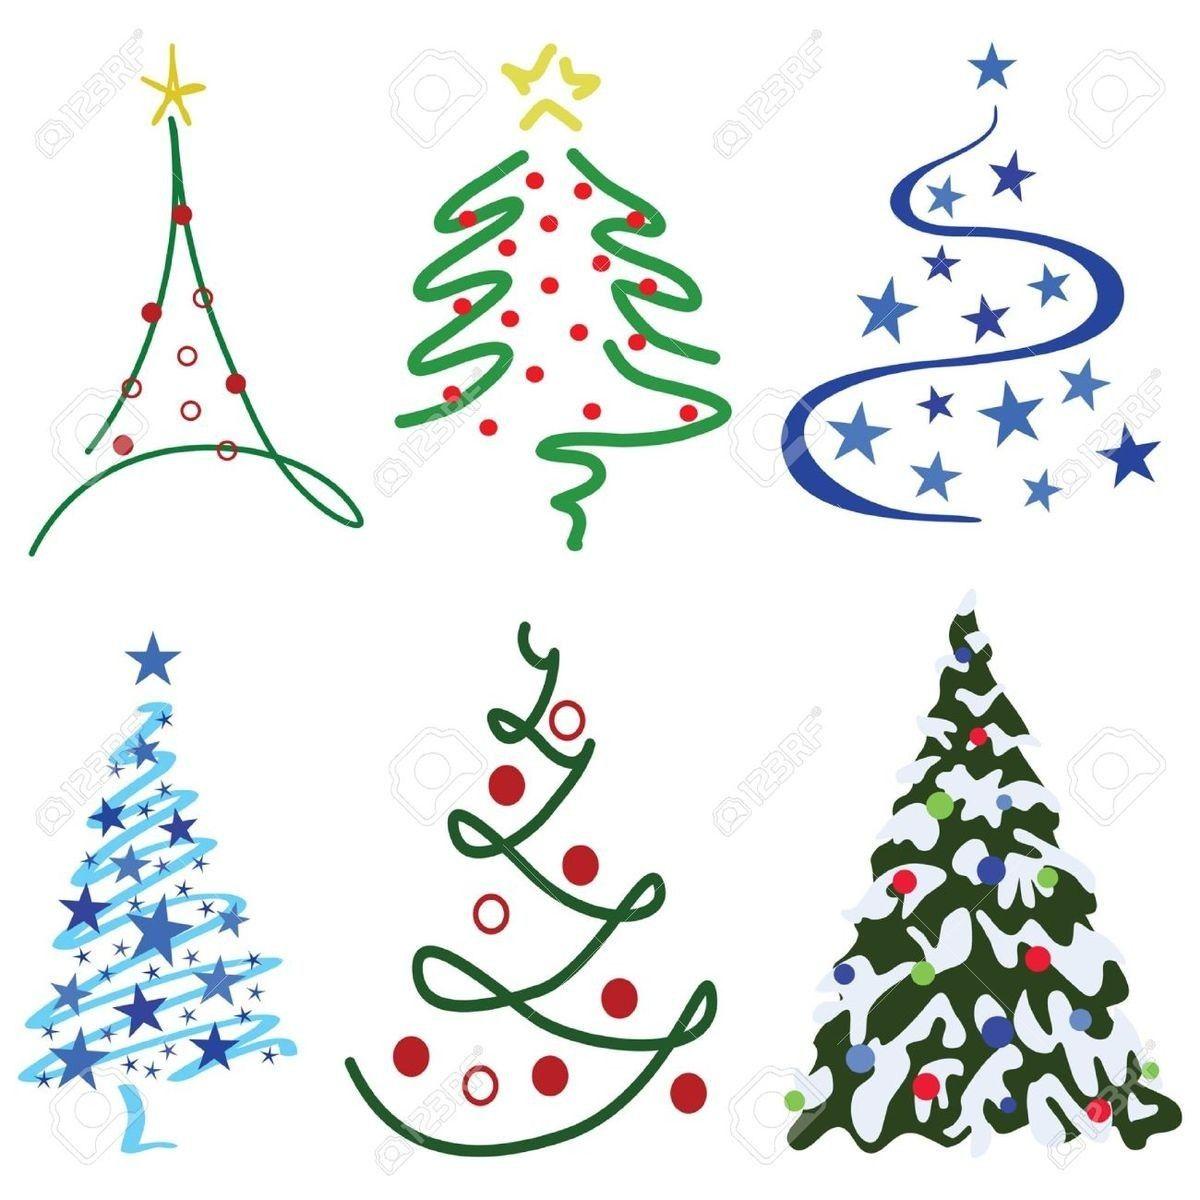 6 Ways To Draw Christmas Tree Christmas Tree Drawing Tree Drawing Simple Christmas Tree Design